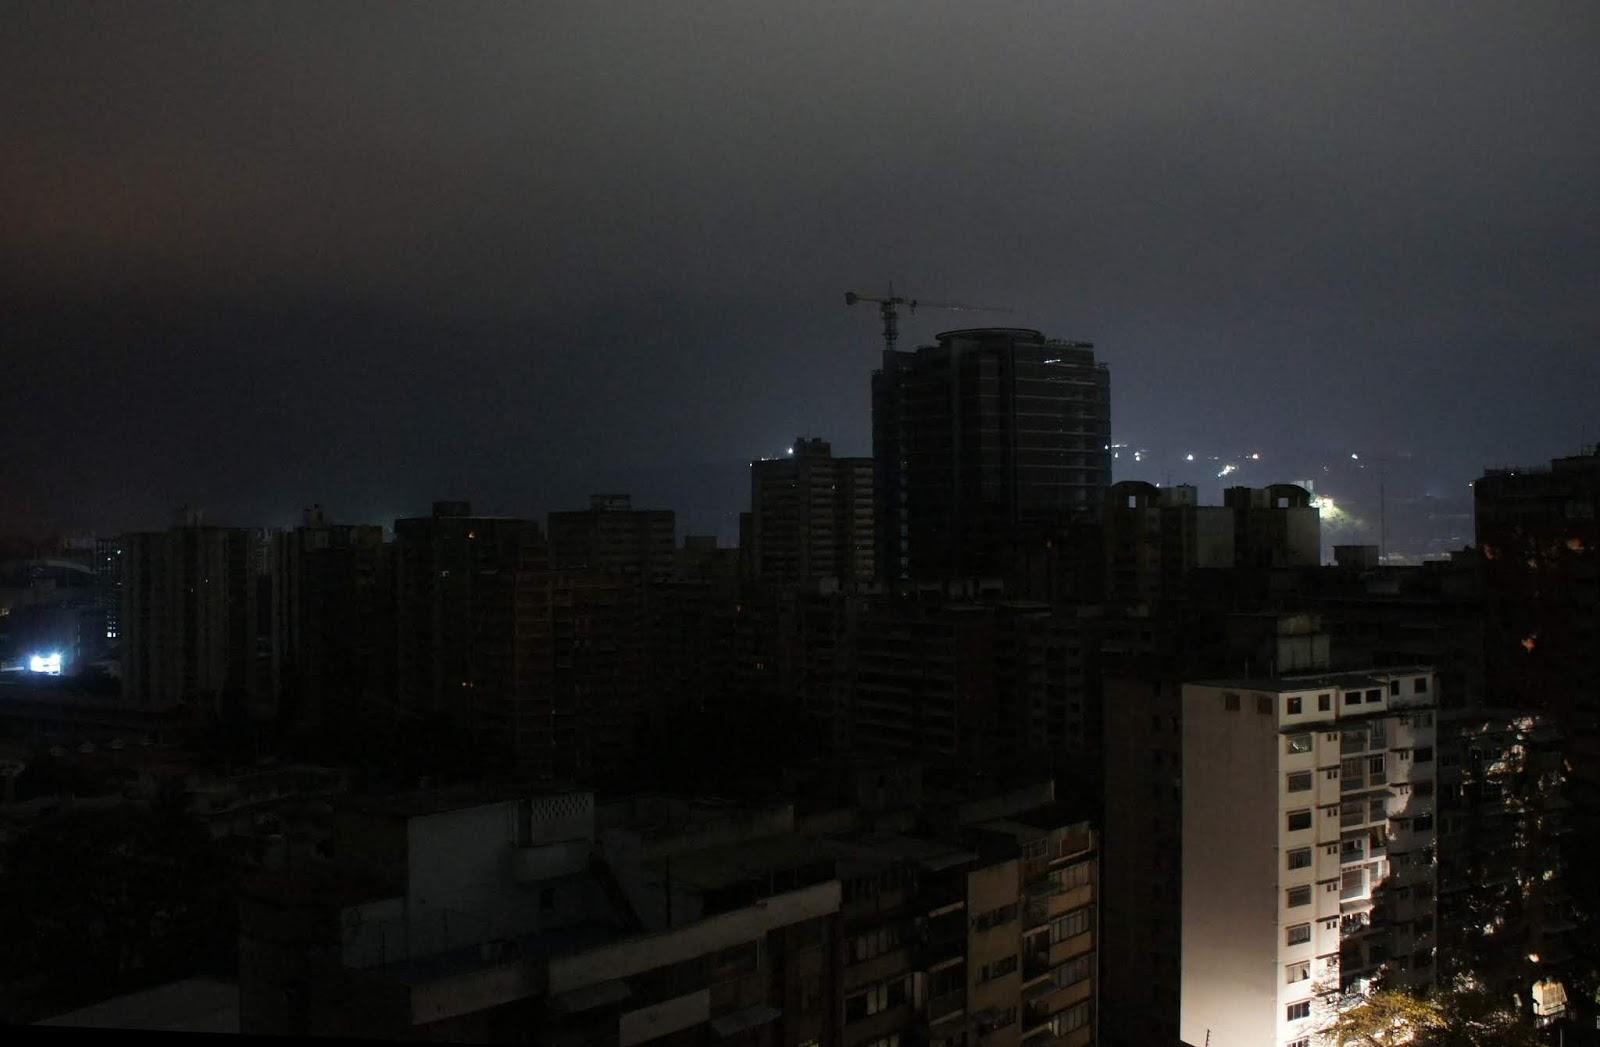 El apagón venezolano, un verdadero crimen social del chavismo - Por Razon y Revolucion Foto8